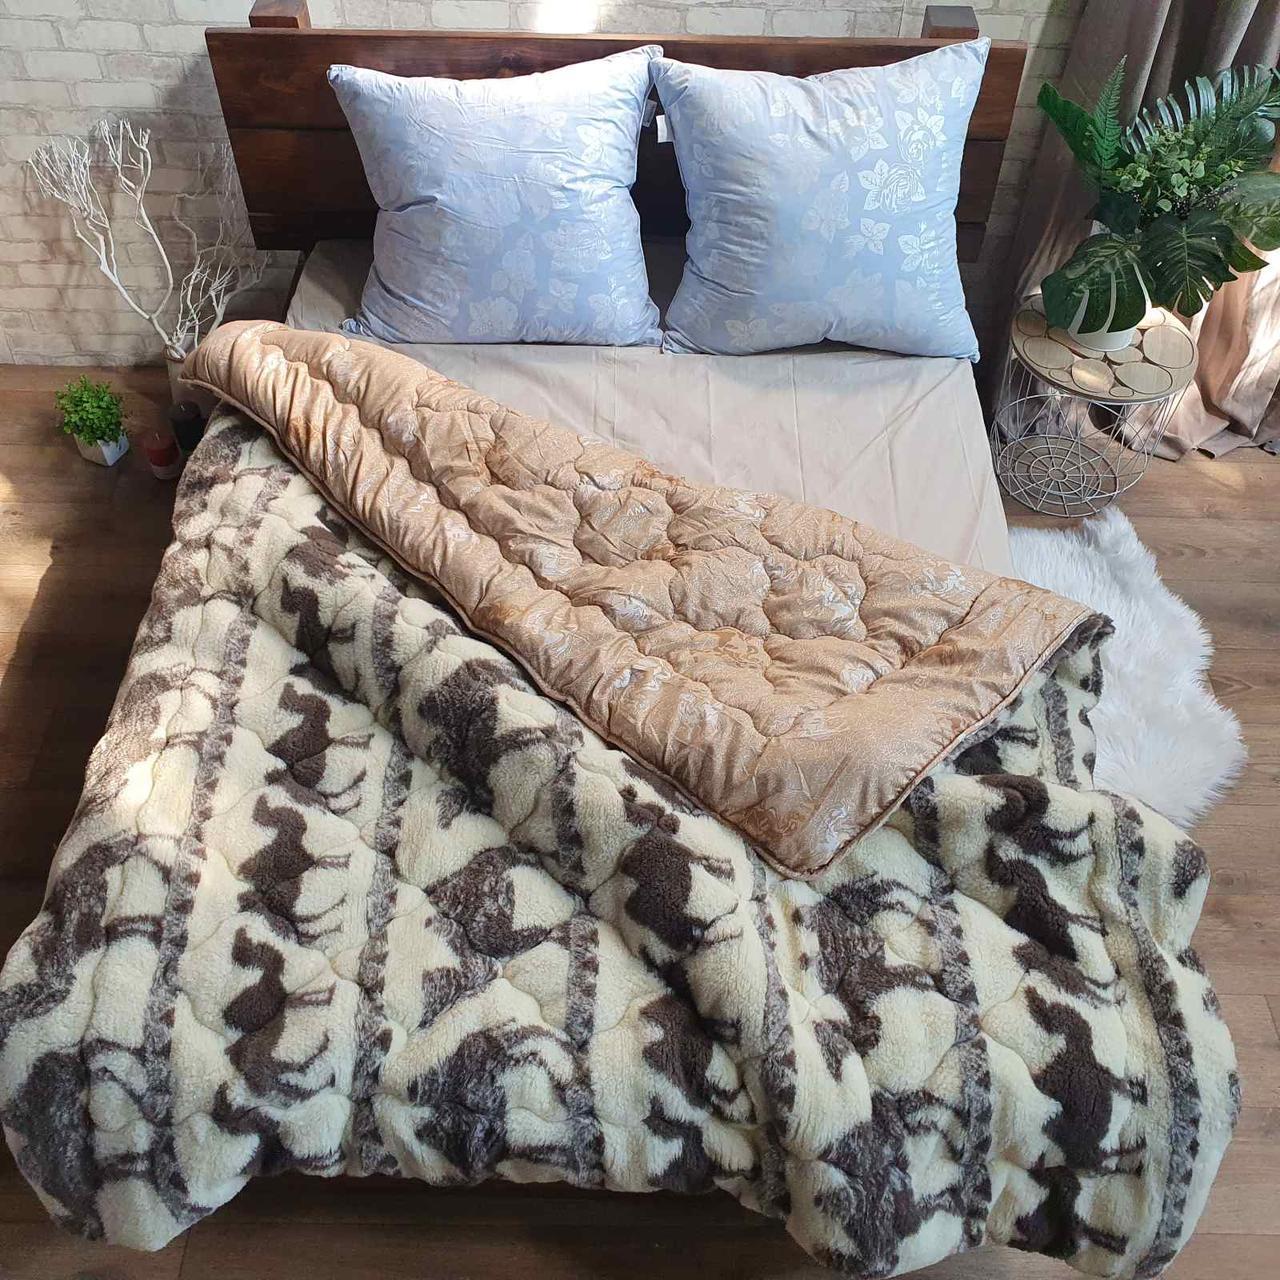 Одеяло Коттон плюс мех